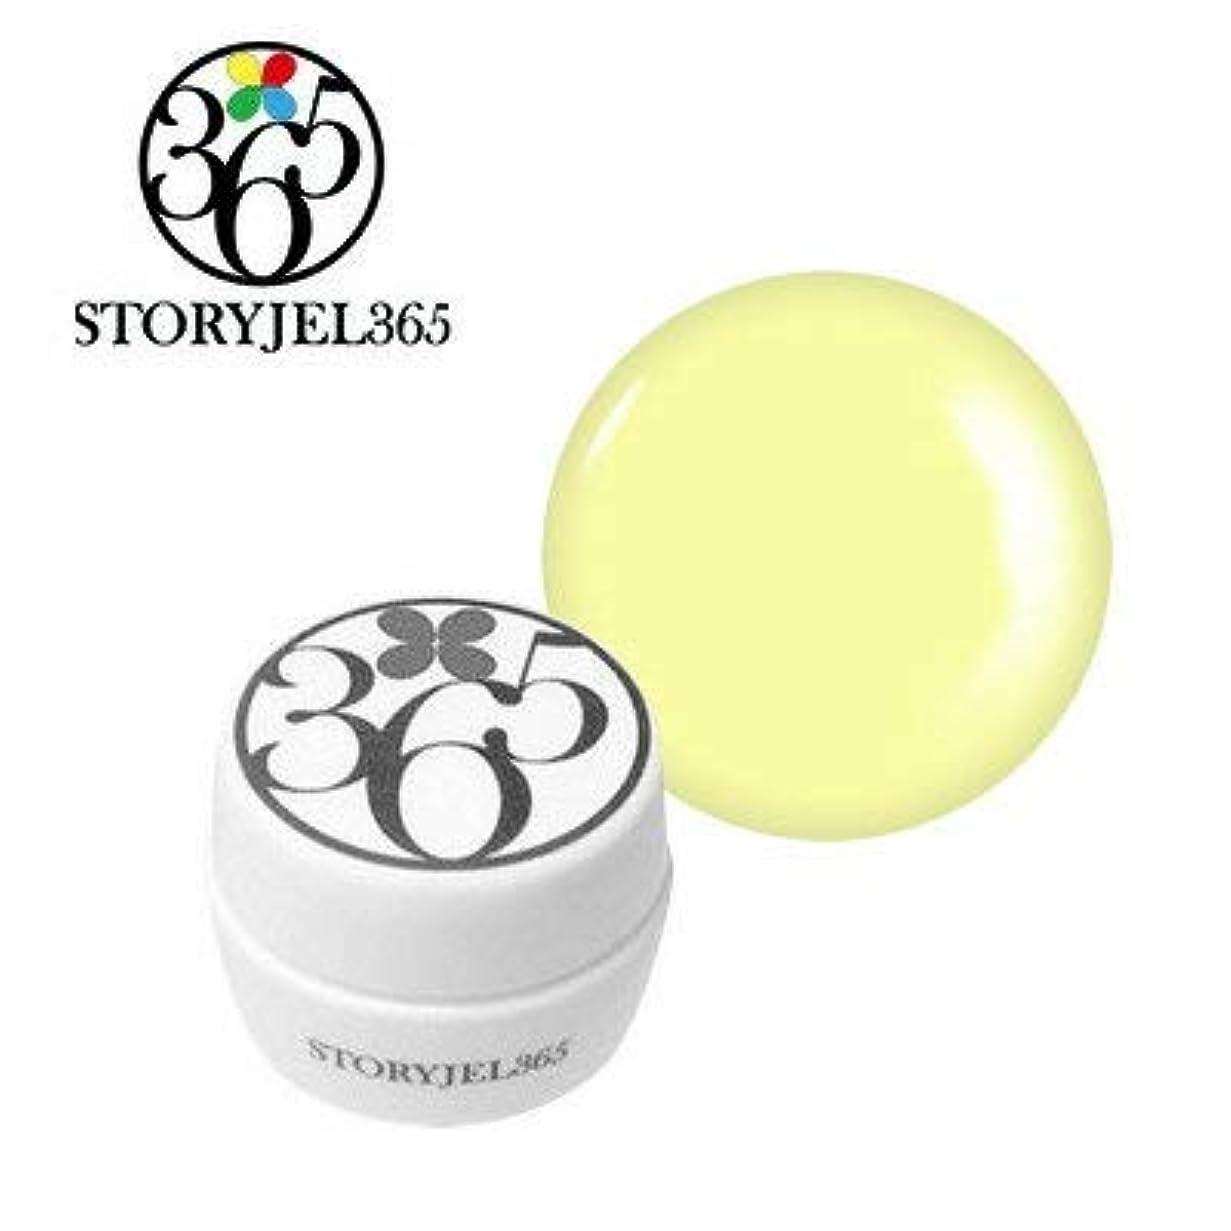 ディレクター半径信頼STORYJEL365 カラージェル 5g (ストーリージェル) SJS-303M-D シトロンクリーム